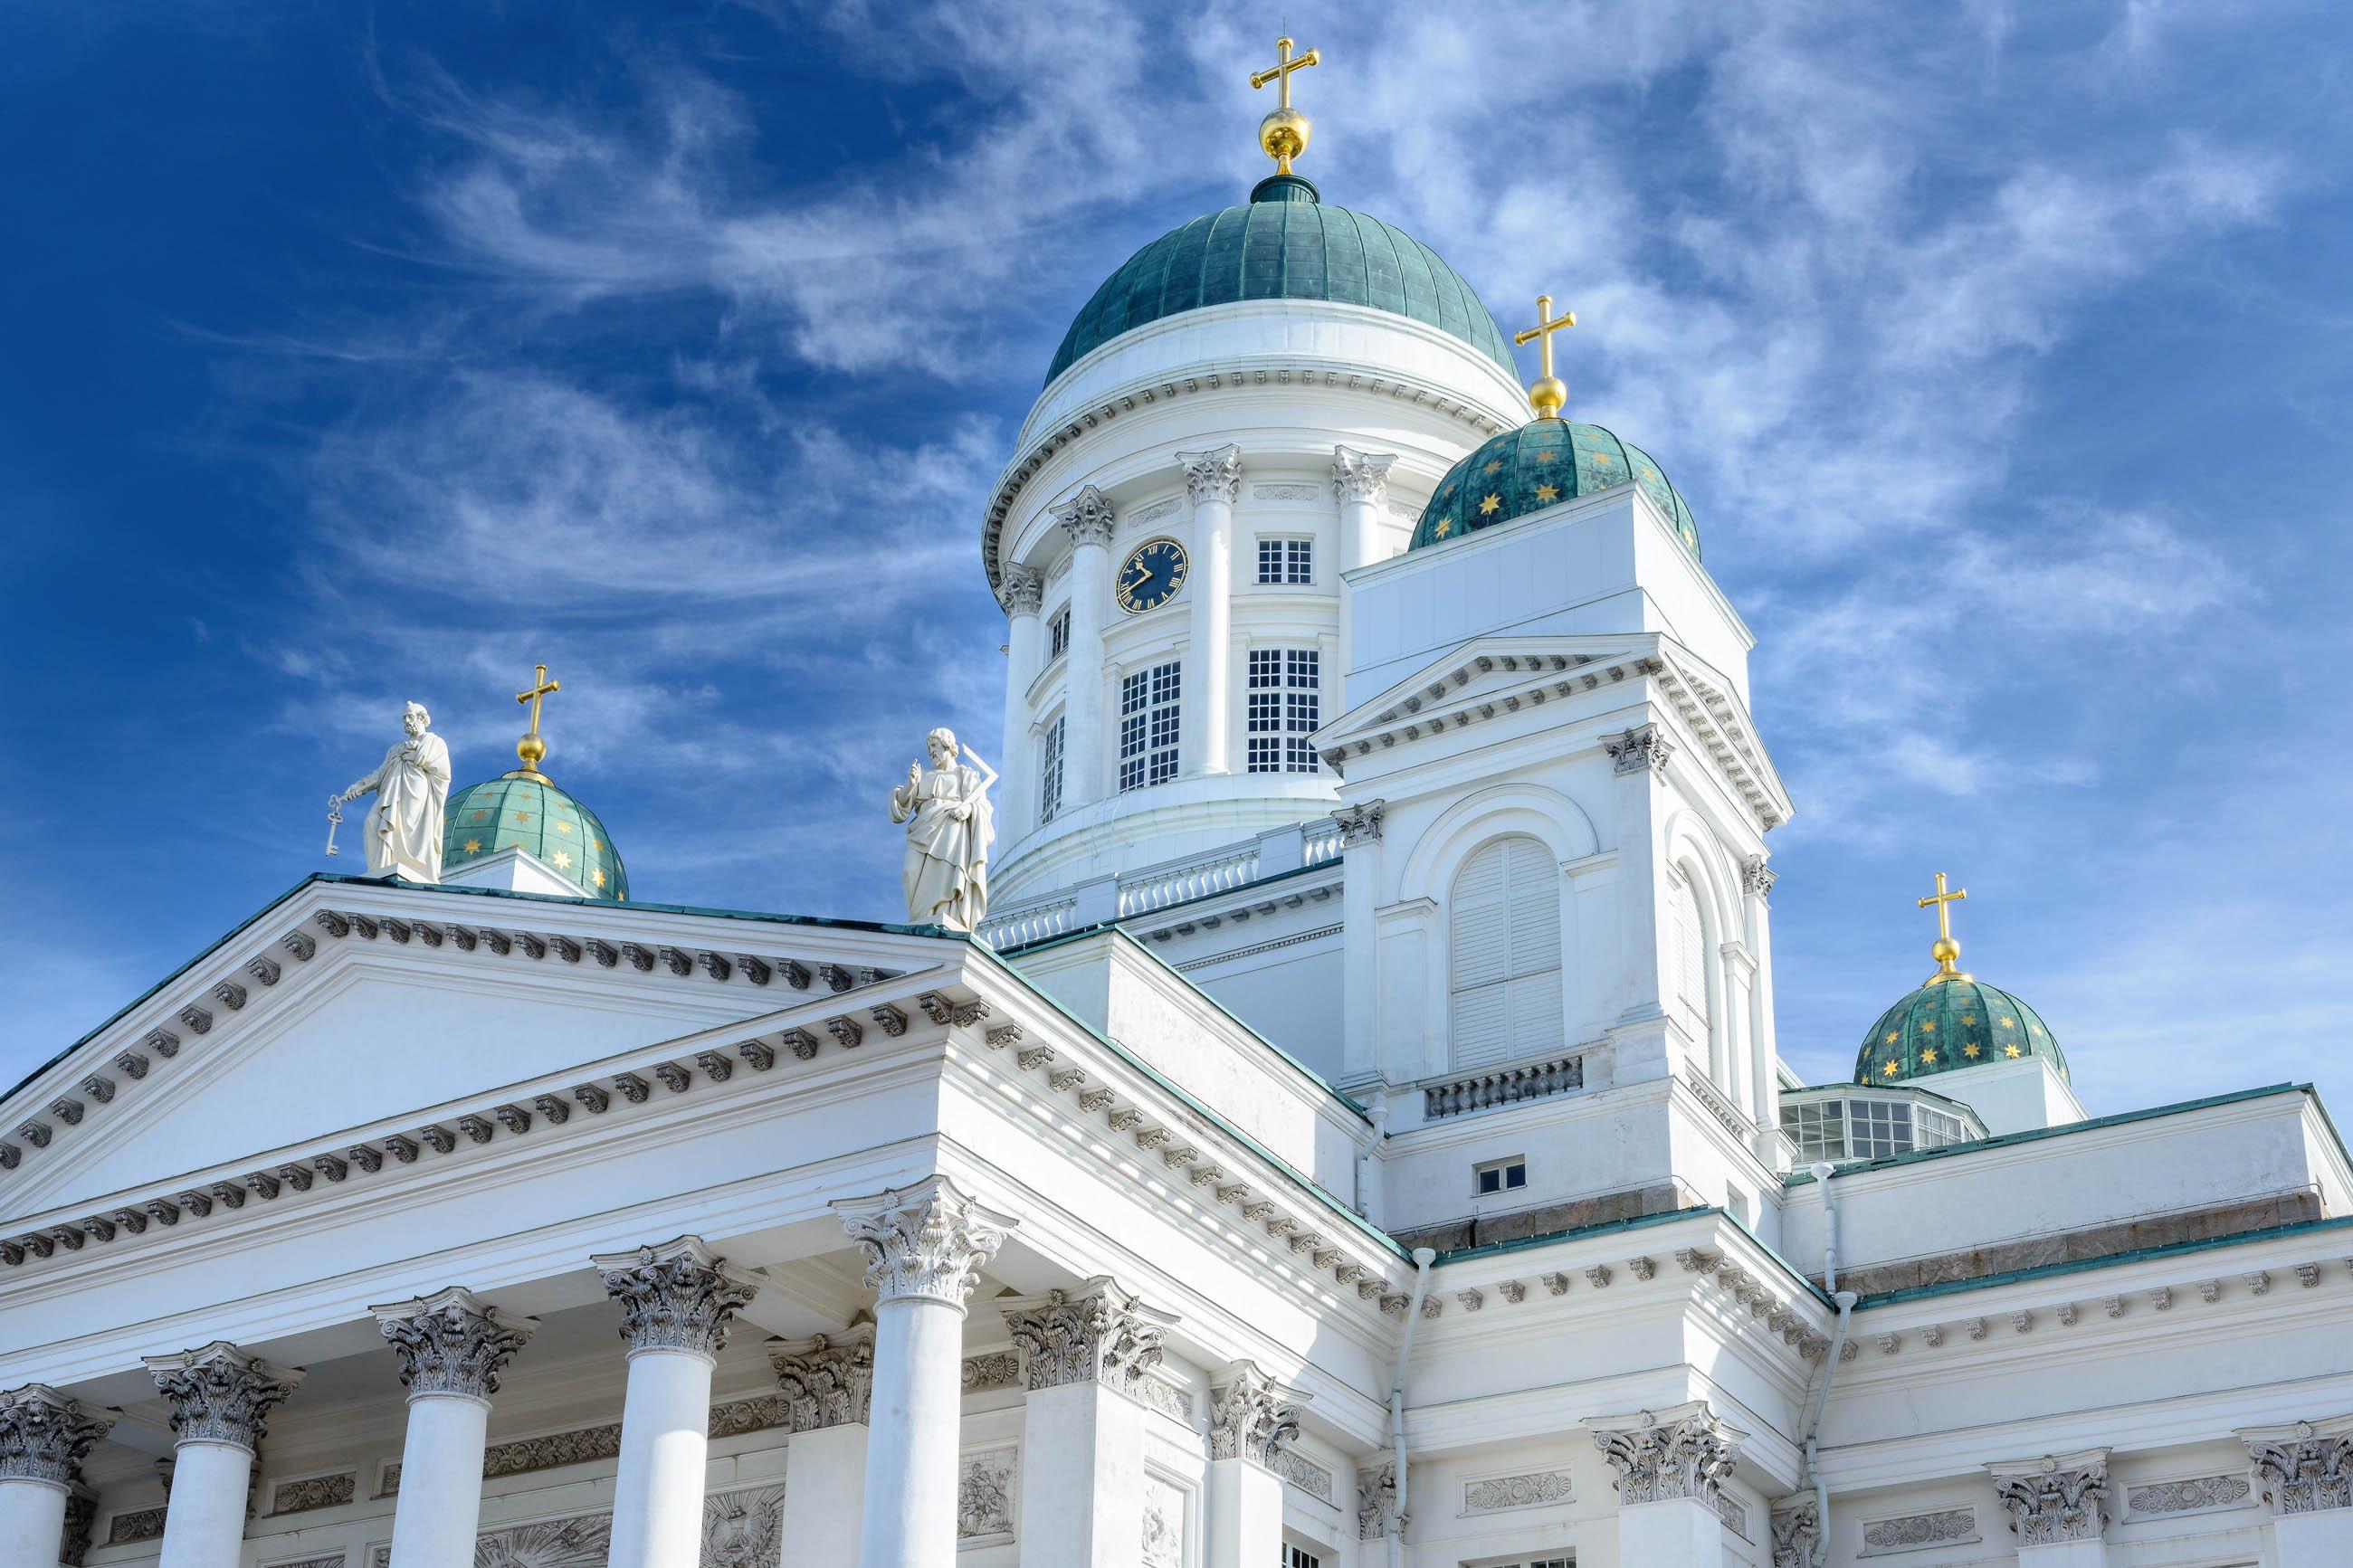 Bilder dom von helsinki finnland franks travelbox - Beruhmte architekten des 21 jahrhunderts ...